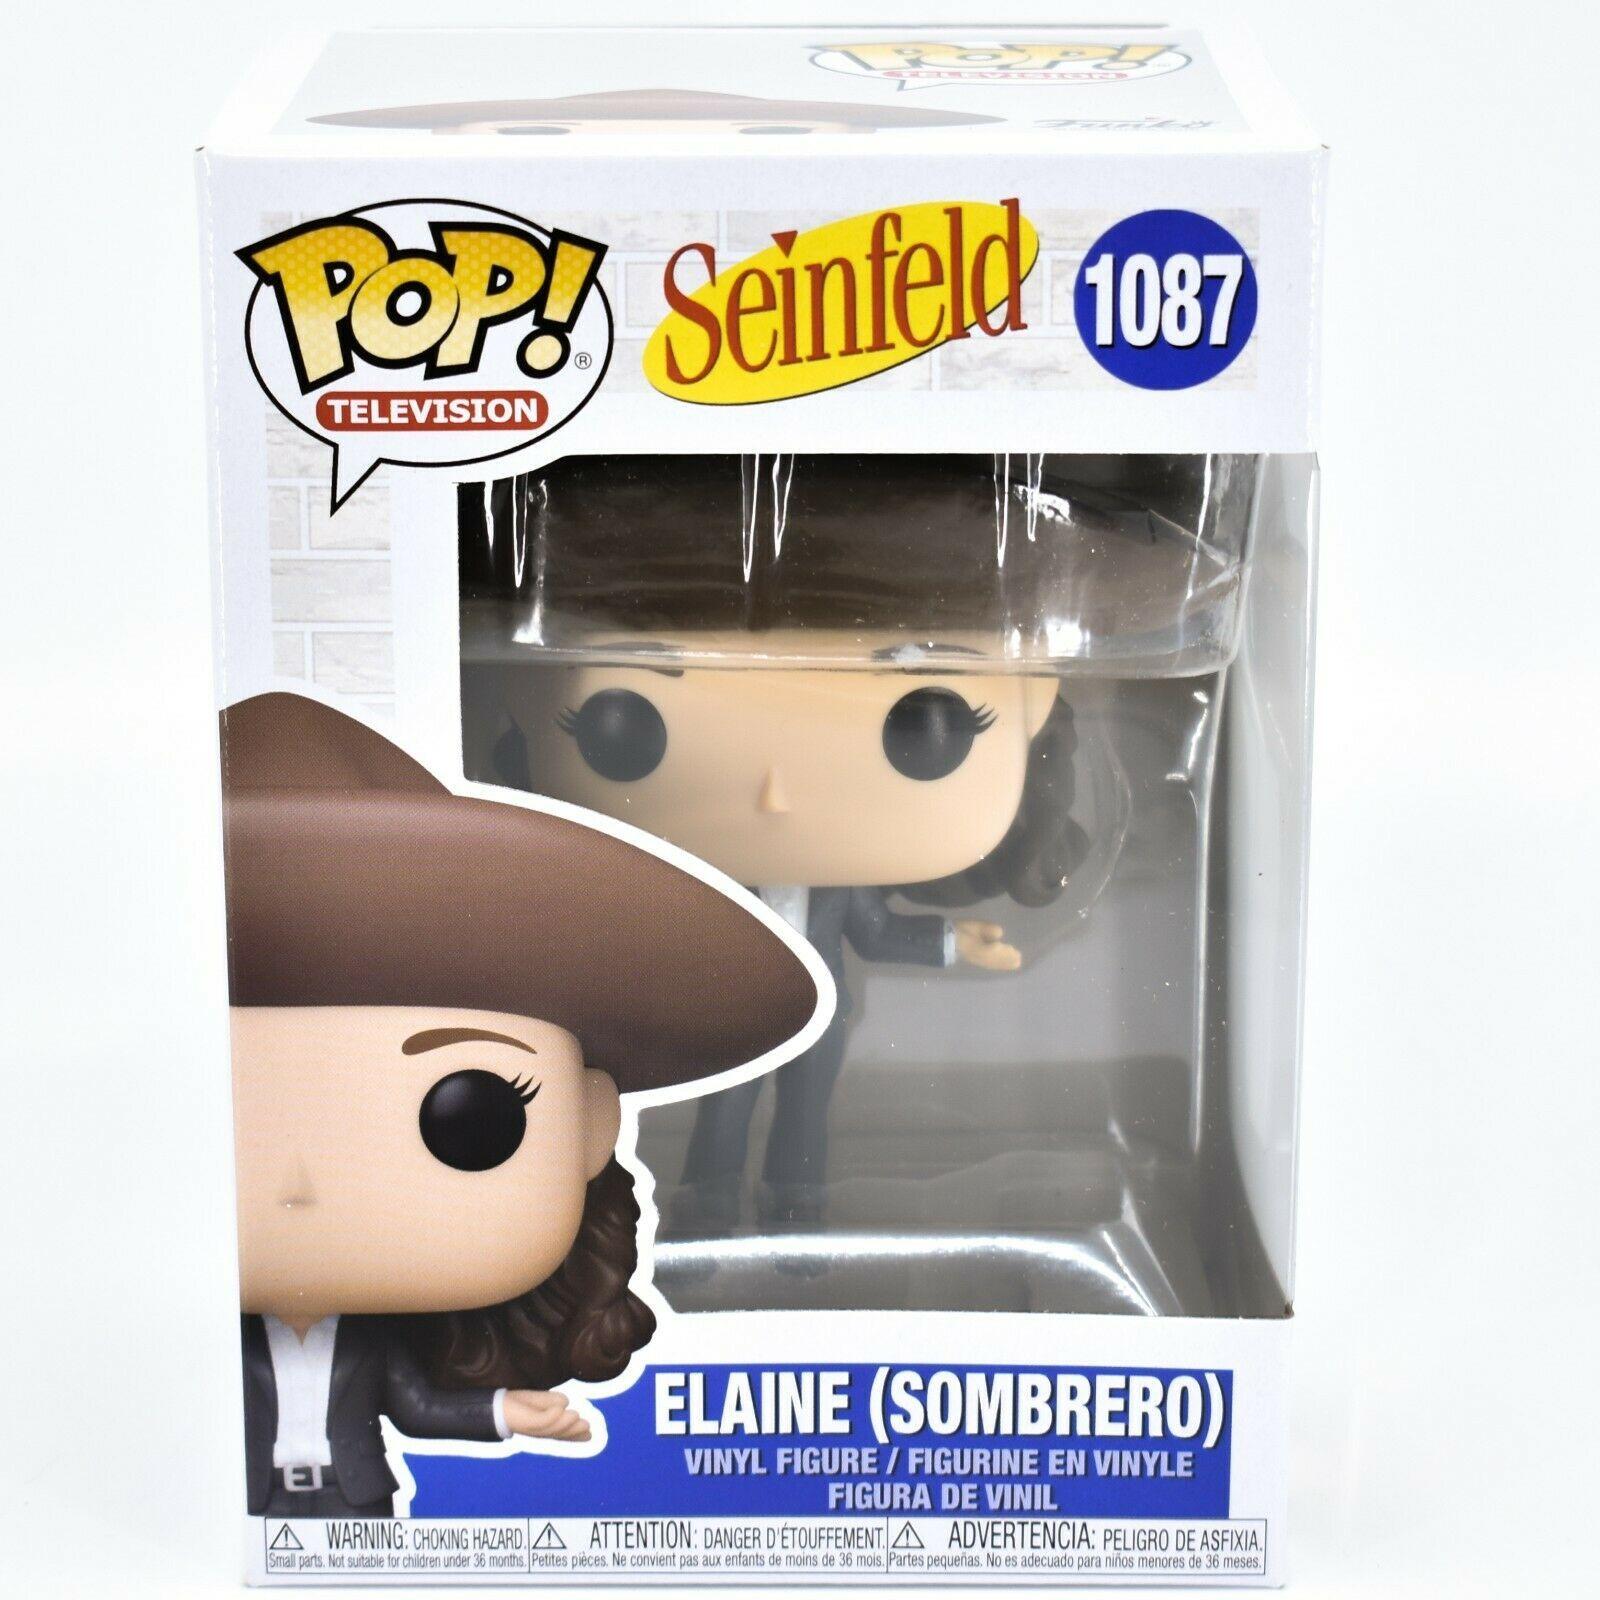 Funko Pop! Television Seinfeld Elaine Benes w Sombrero #1087 Vinyl Action Figure